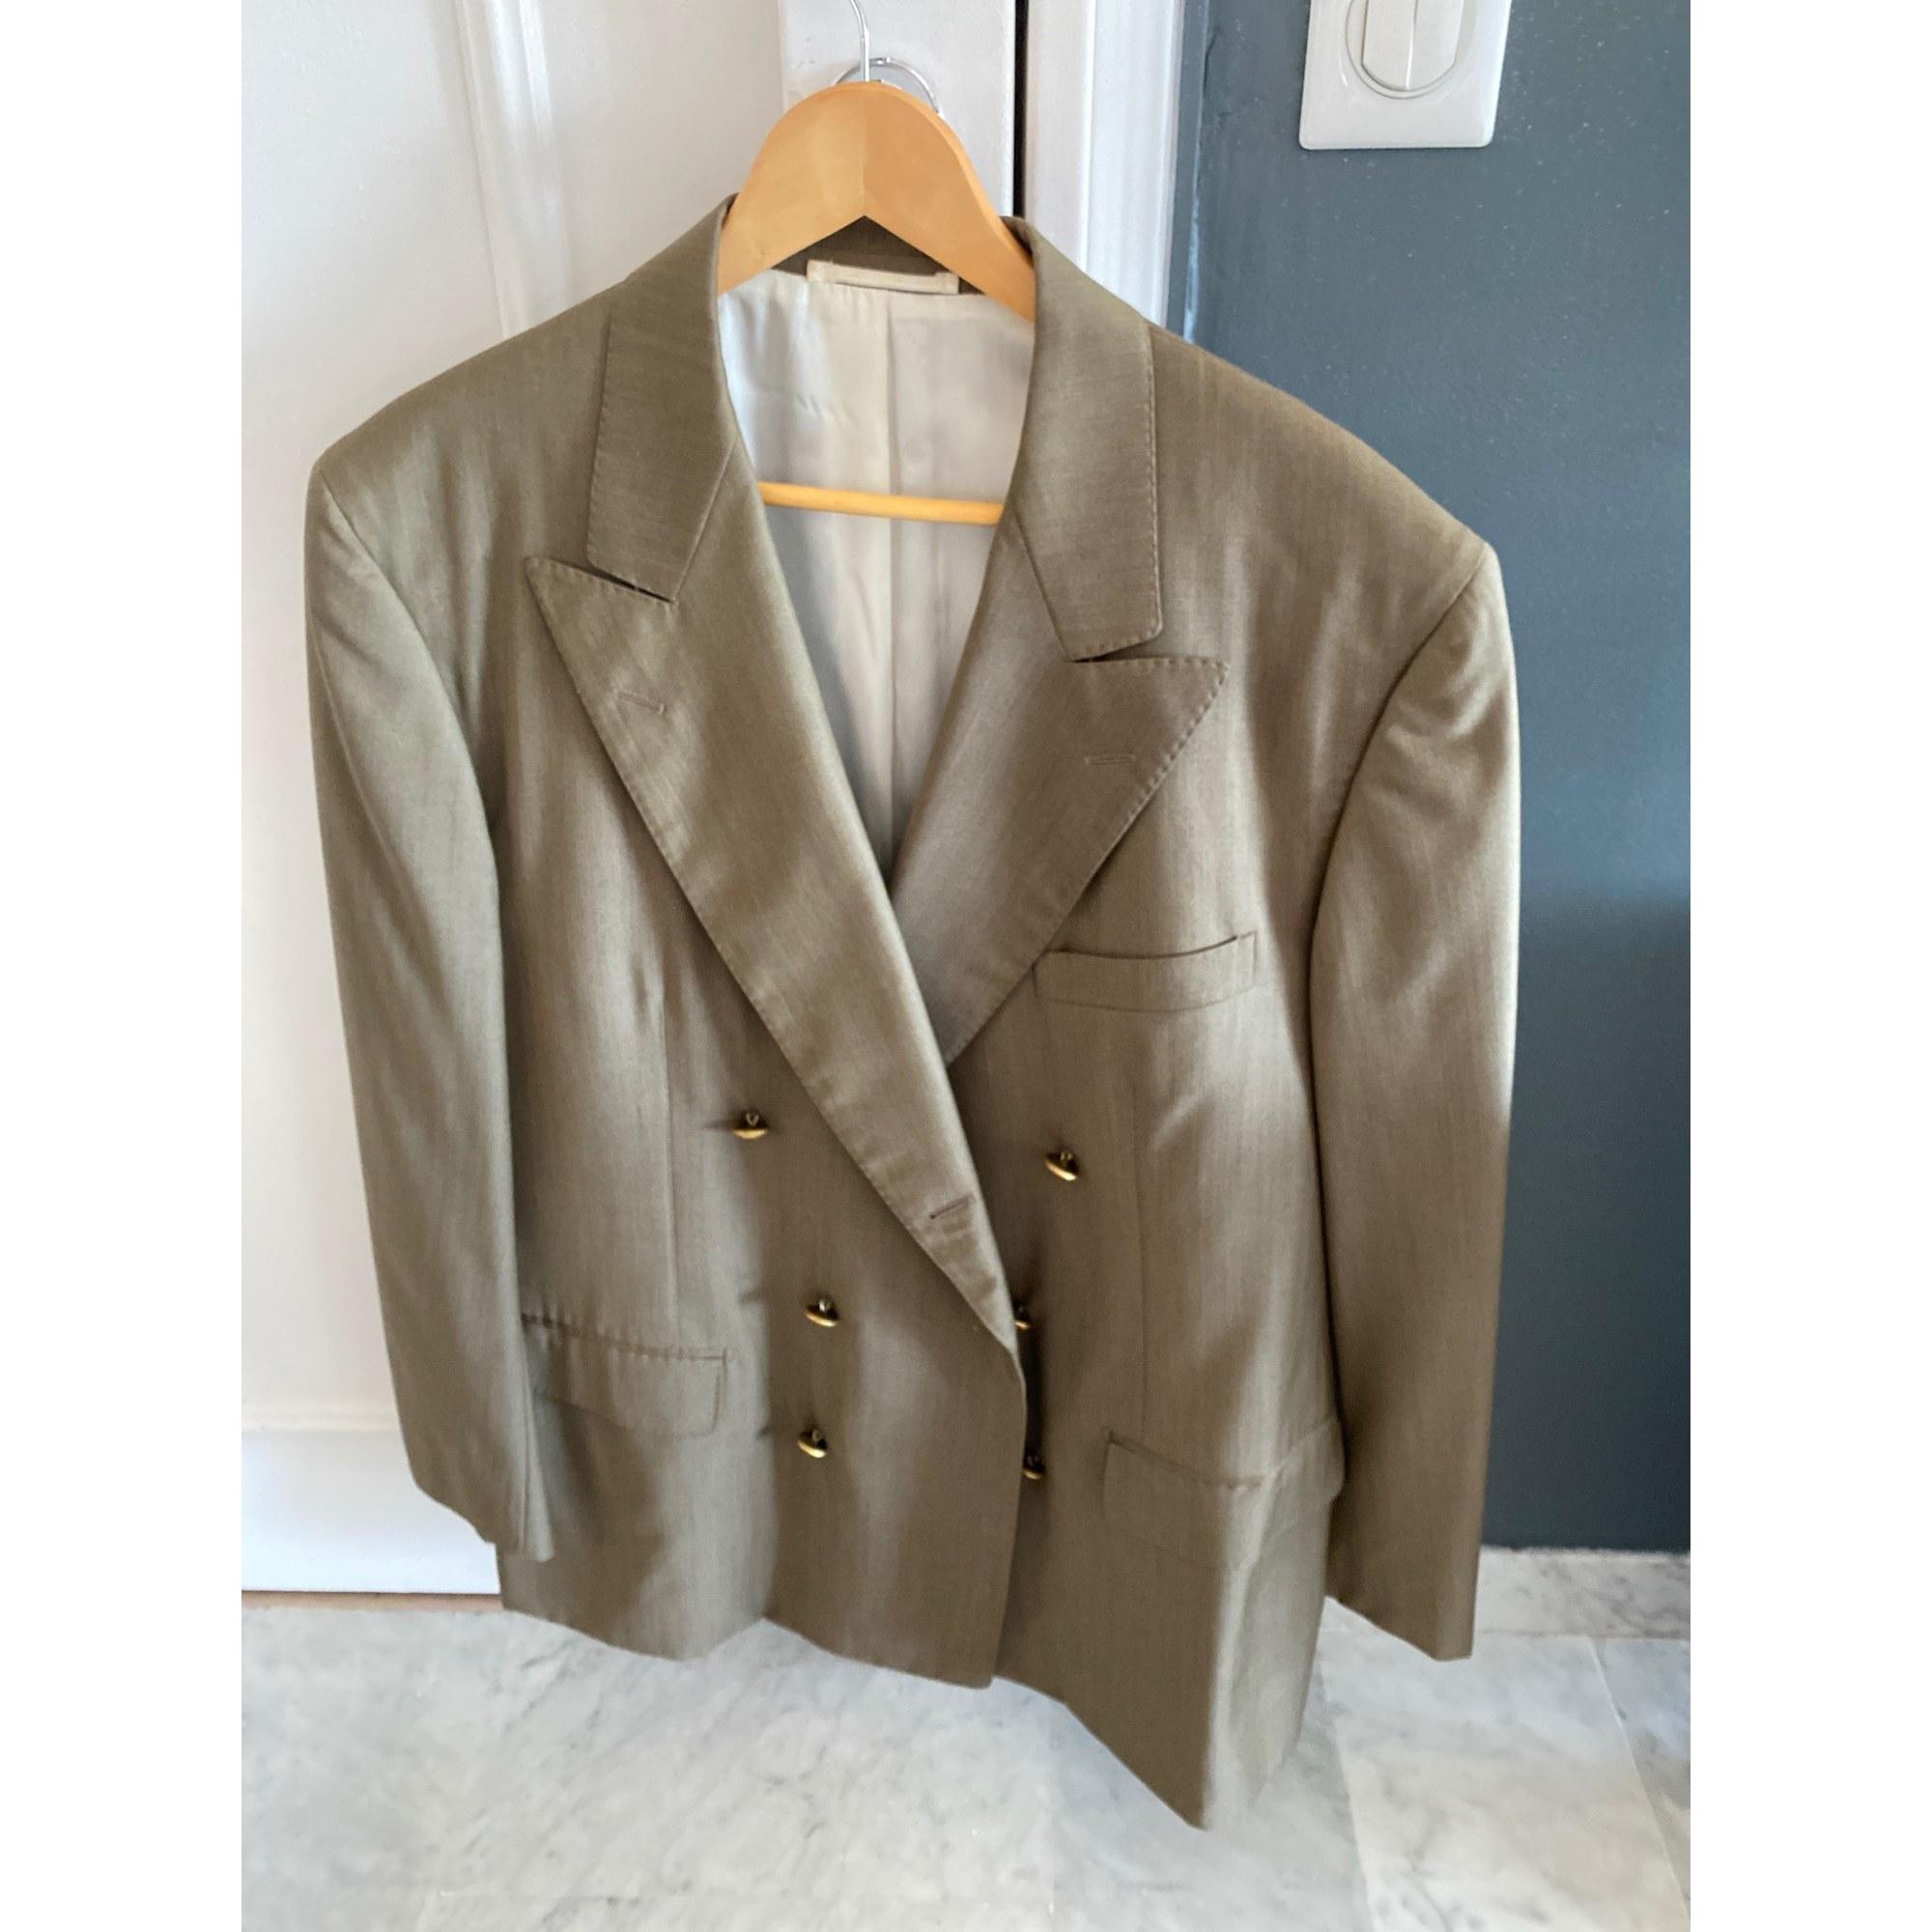 Suit Jacket FAÇONNABLE Golden, bronze, copper